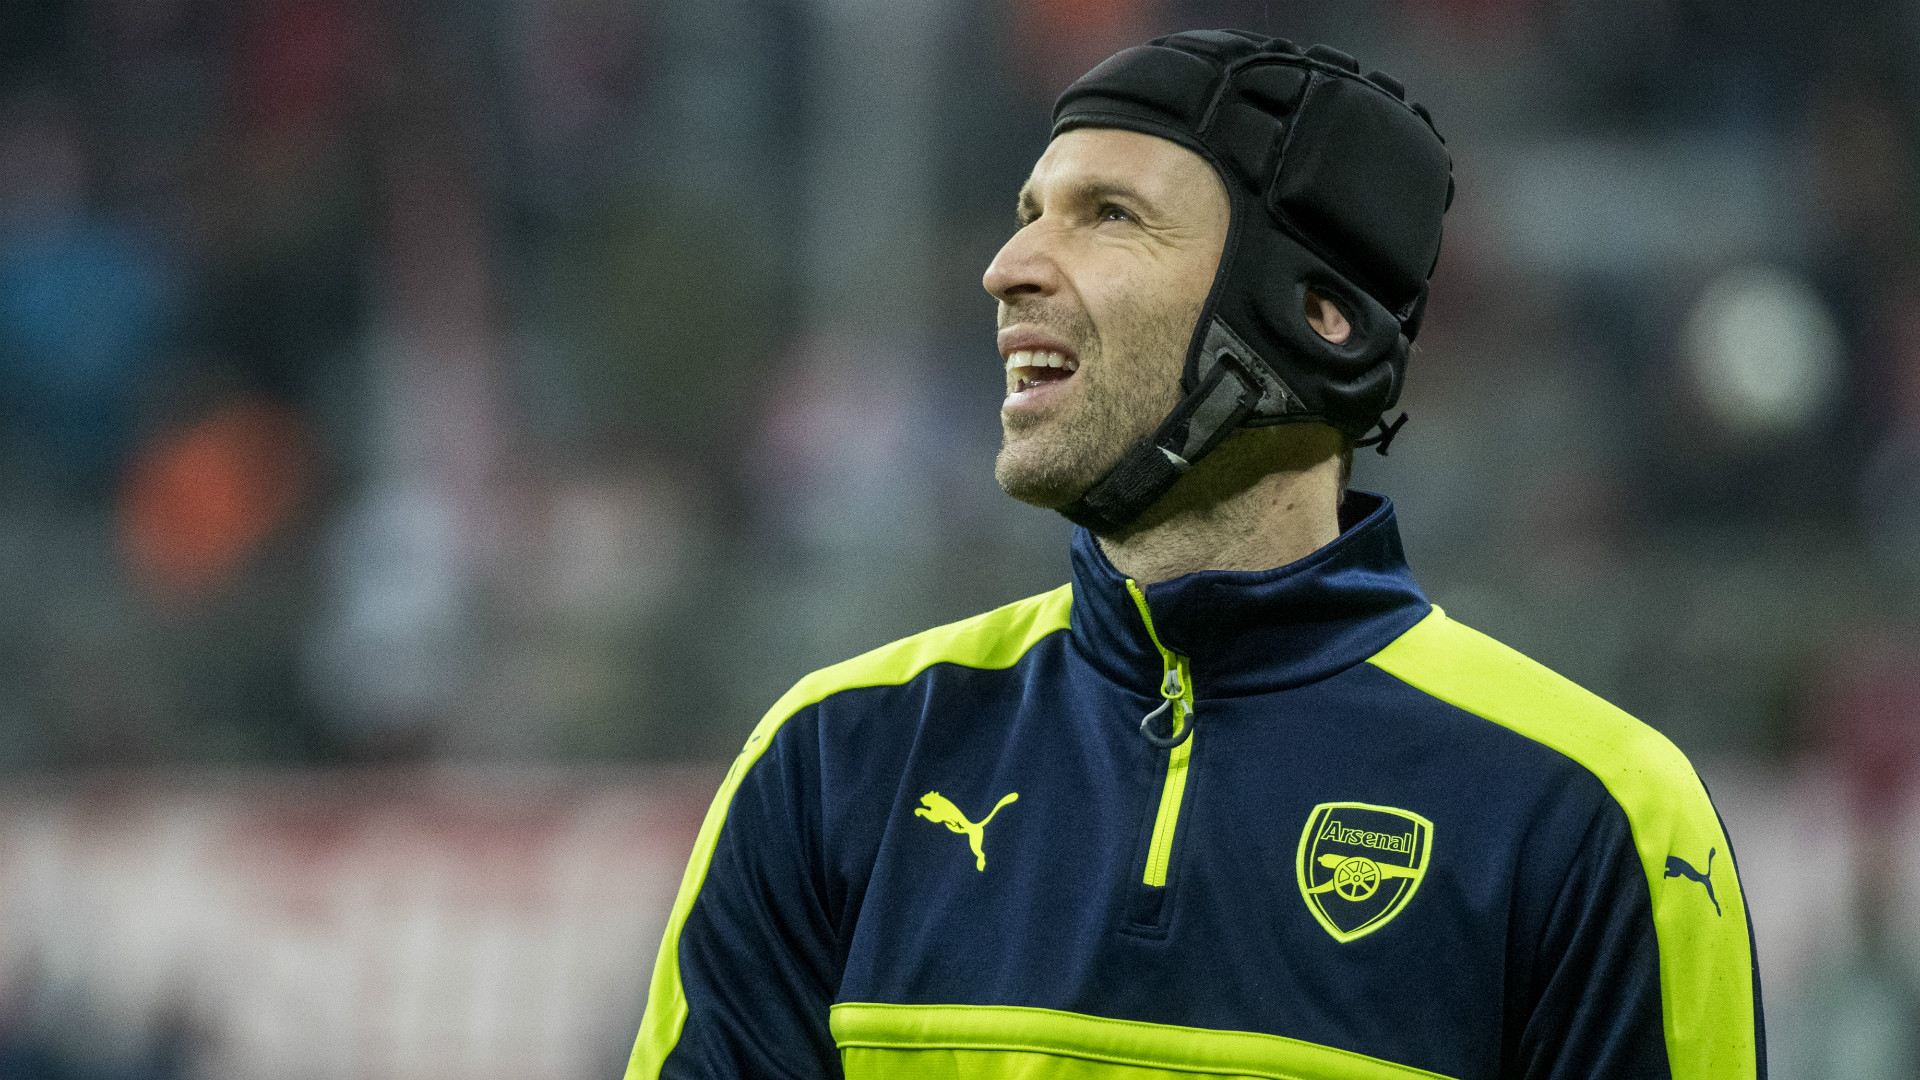 Petr Cech Arsenal 2017